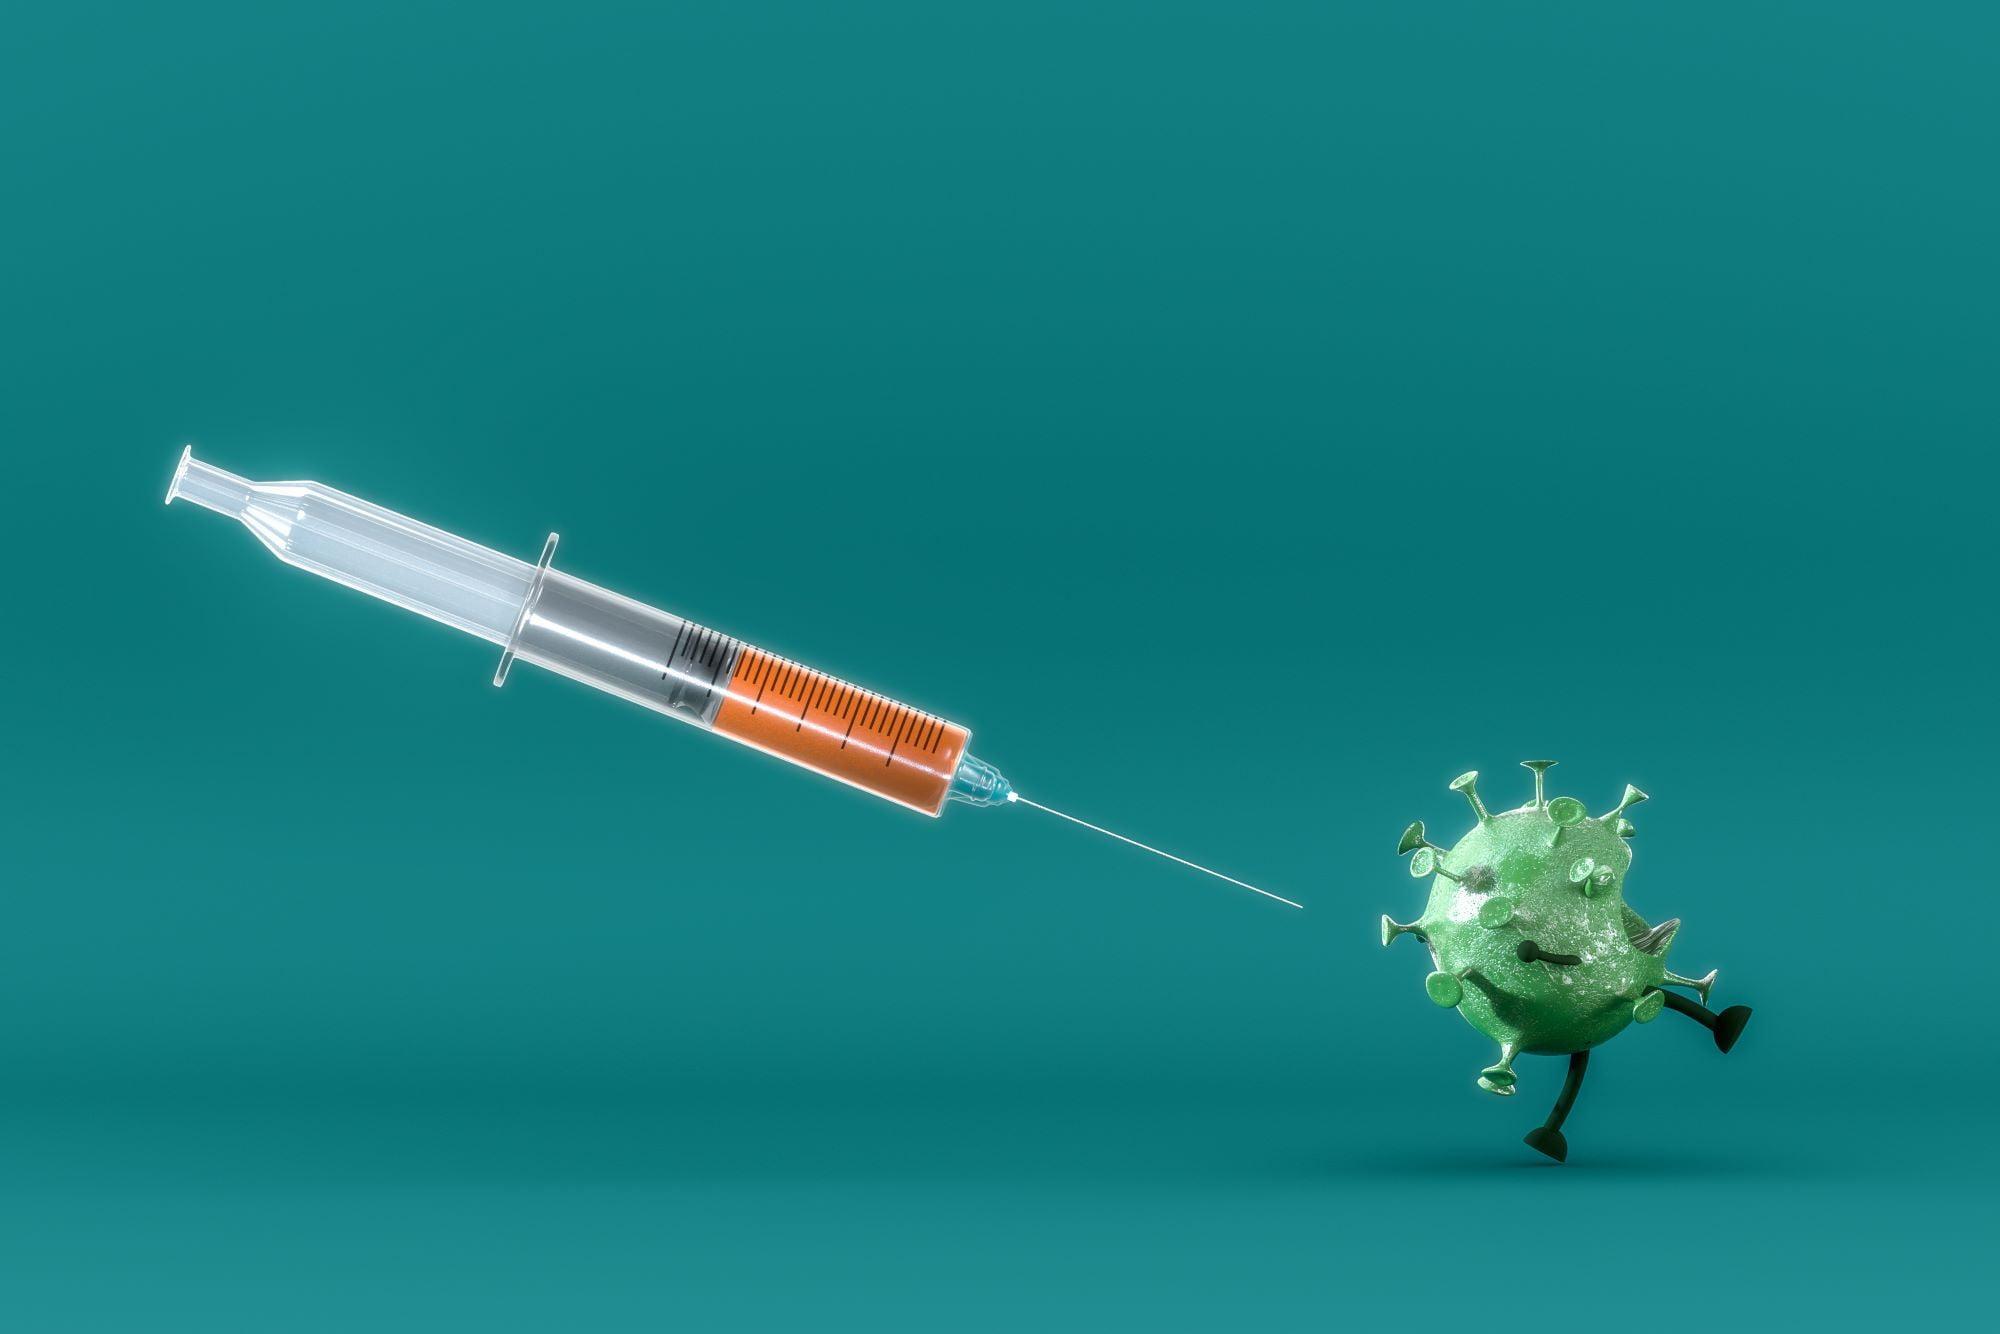 Εμβόλια Ραντεβού : Ανοίγει η πλατφόρμα – Ποιά η διαδικασία